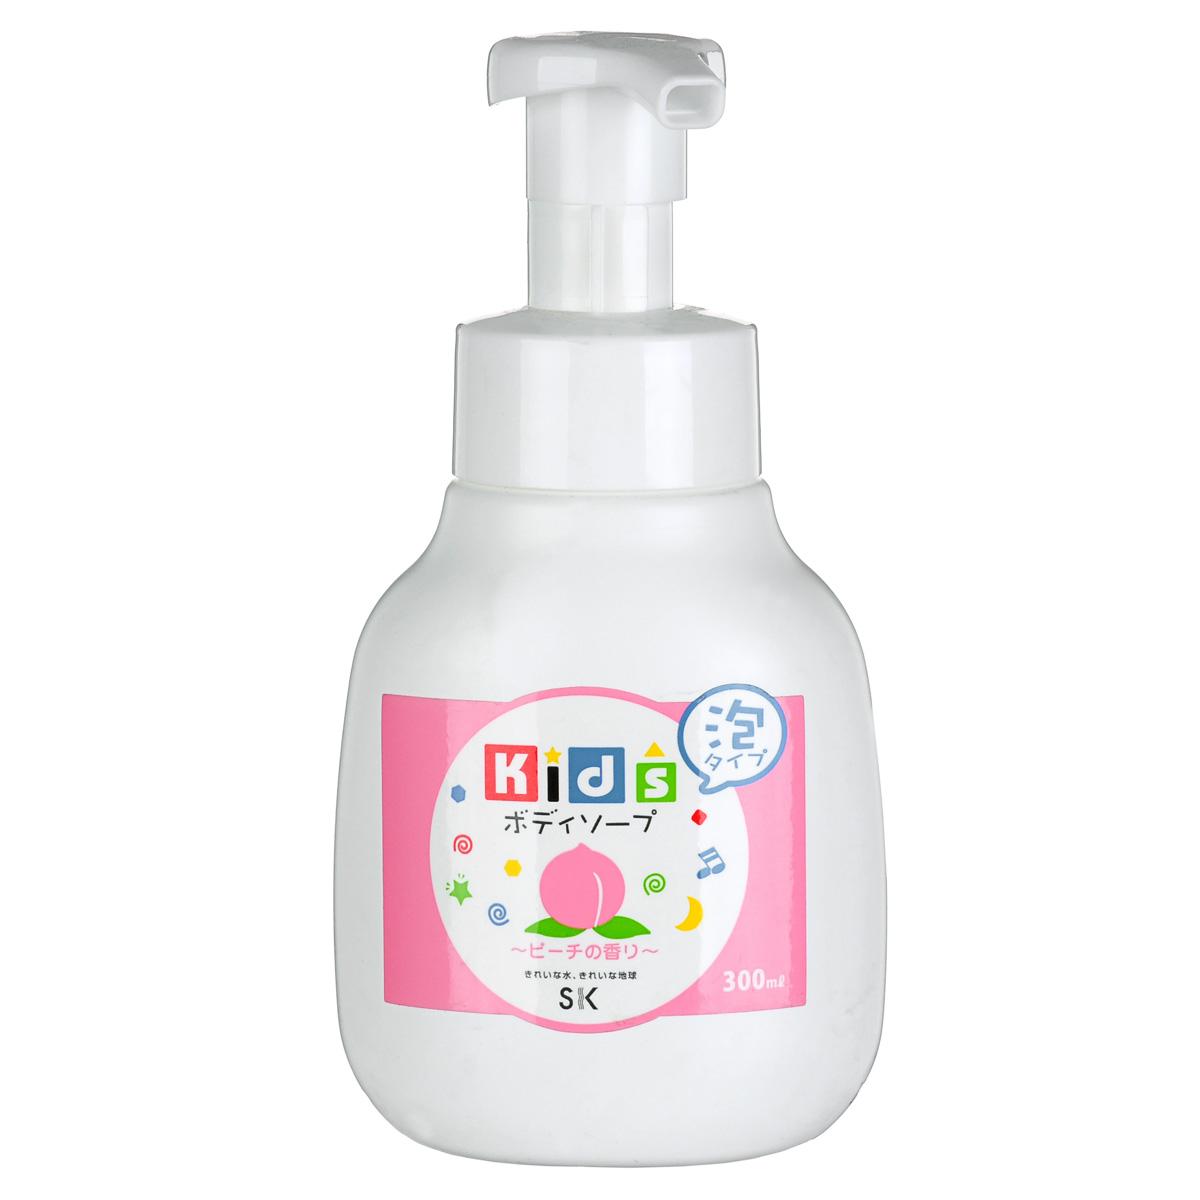 SK Kids Детское пенное мыло для тела с ароматом персика, 300 мл2606132023Воздушное детское пенное мыло порадует вашего малыша сочным ароматом персика и мыльными пузырьками! Оно очистит детскую кожу и обеспечит полноценный уход за ней. Абсолютно безопасно. Экстракт персика, в составе пенки, увлажнит и окажет противовоспалительное действие на нежную кожу. Не содержит ПАВ, искусственных красителей, ароматизаторов, антиоксидантов, поэтому мыло необходимо хранить в местах, защищенных от прямых солнечных лучей, высокой температуры и влажности. Проверено дерматологами.